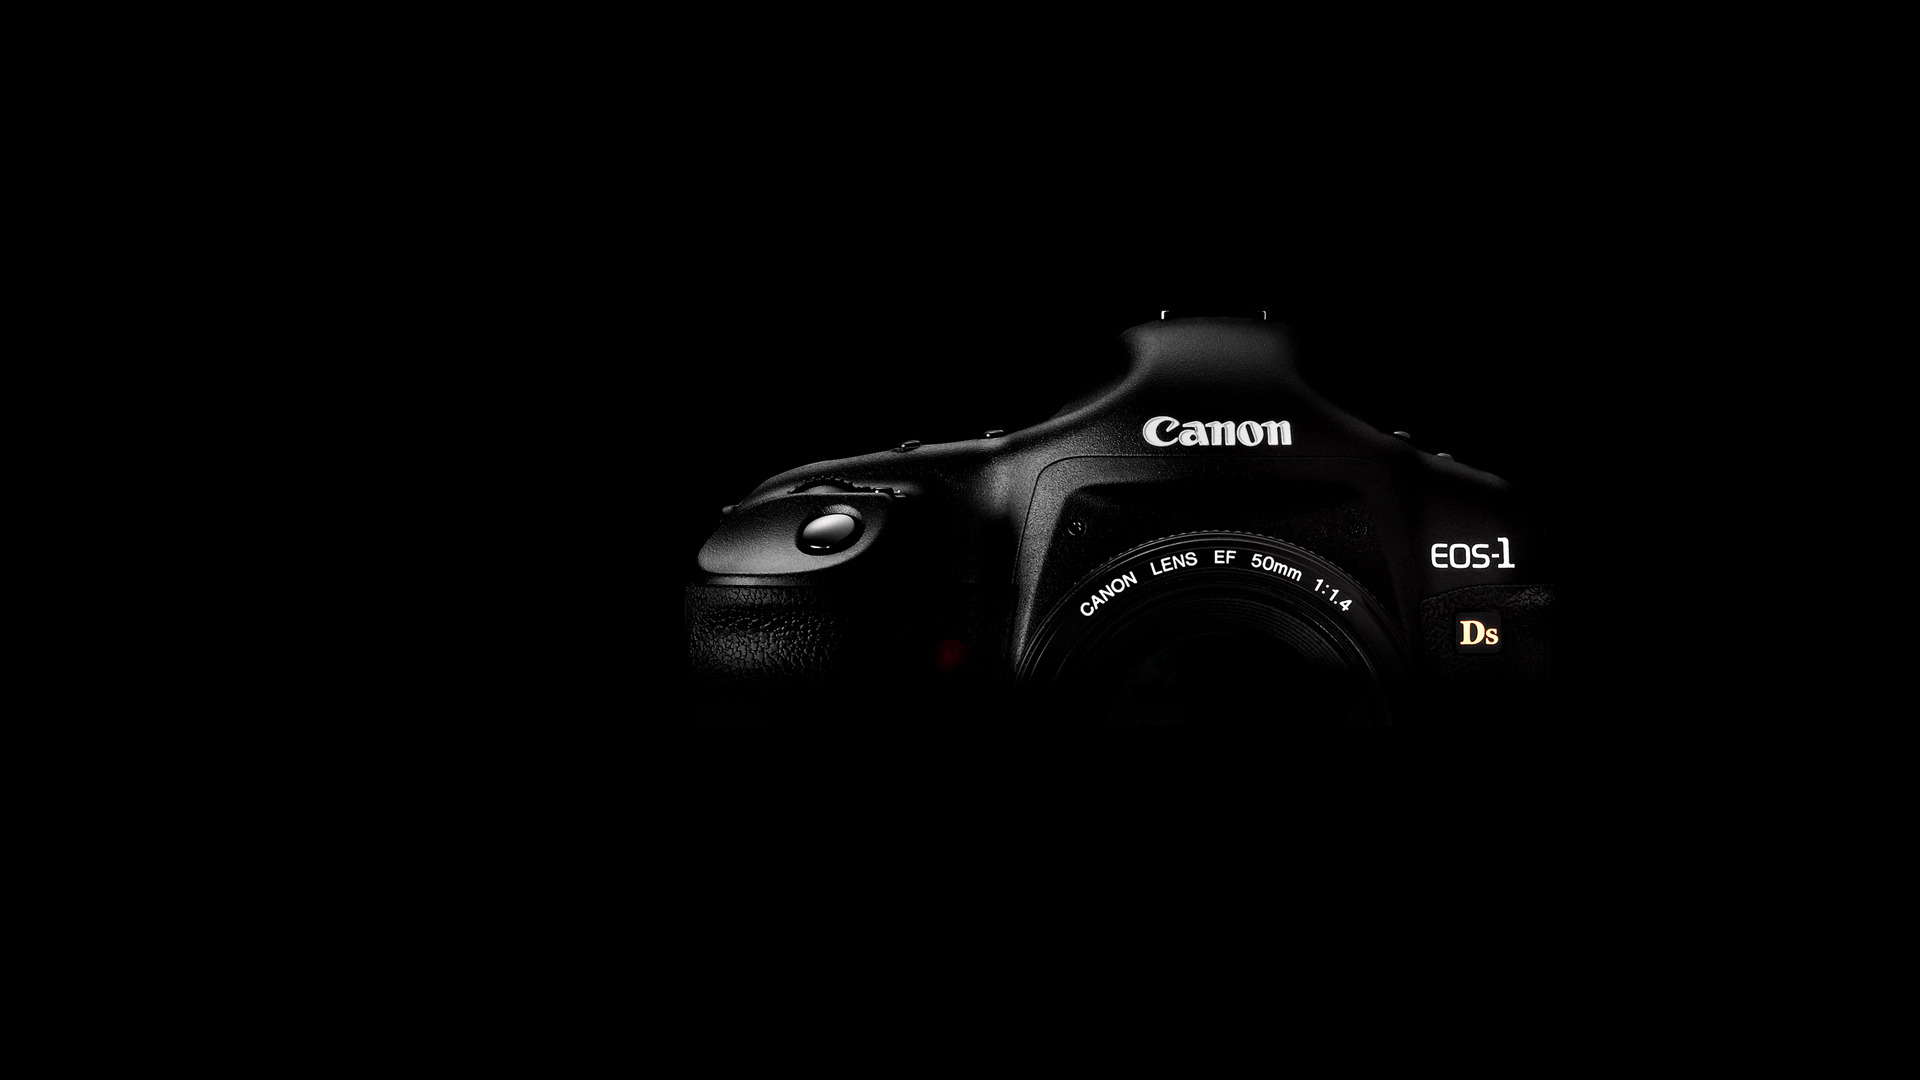 Canon EOS 1 1920x1080 wallpaper 1920x1080